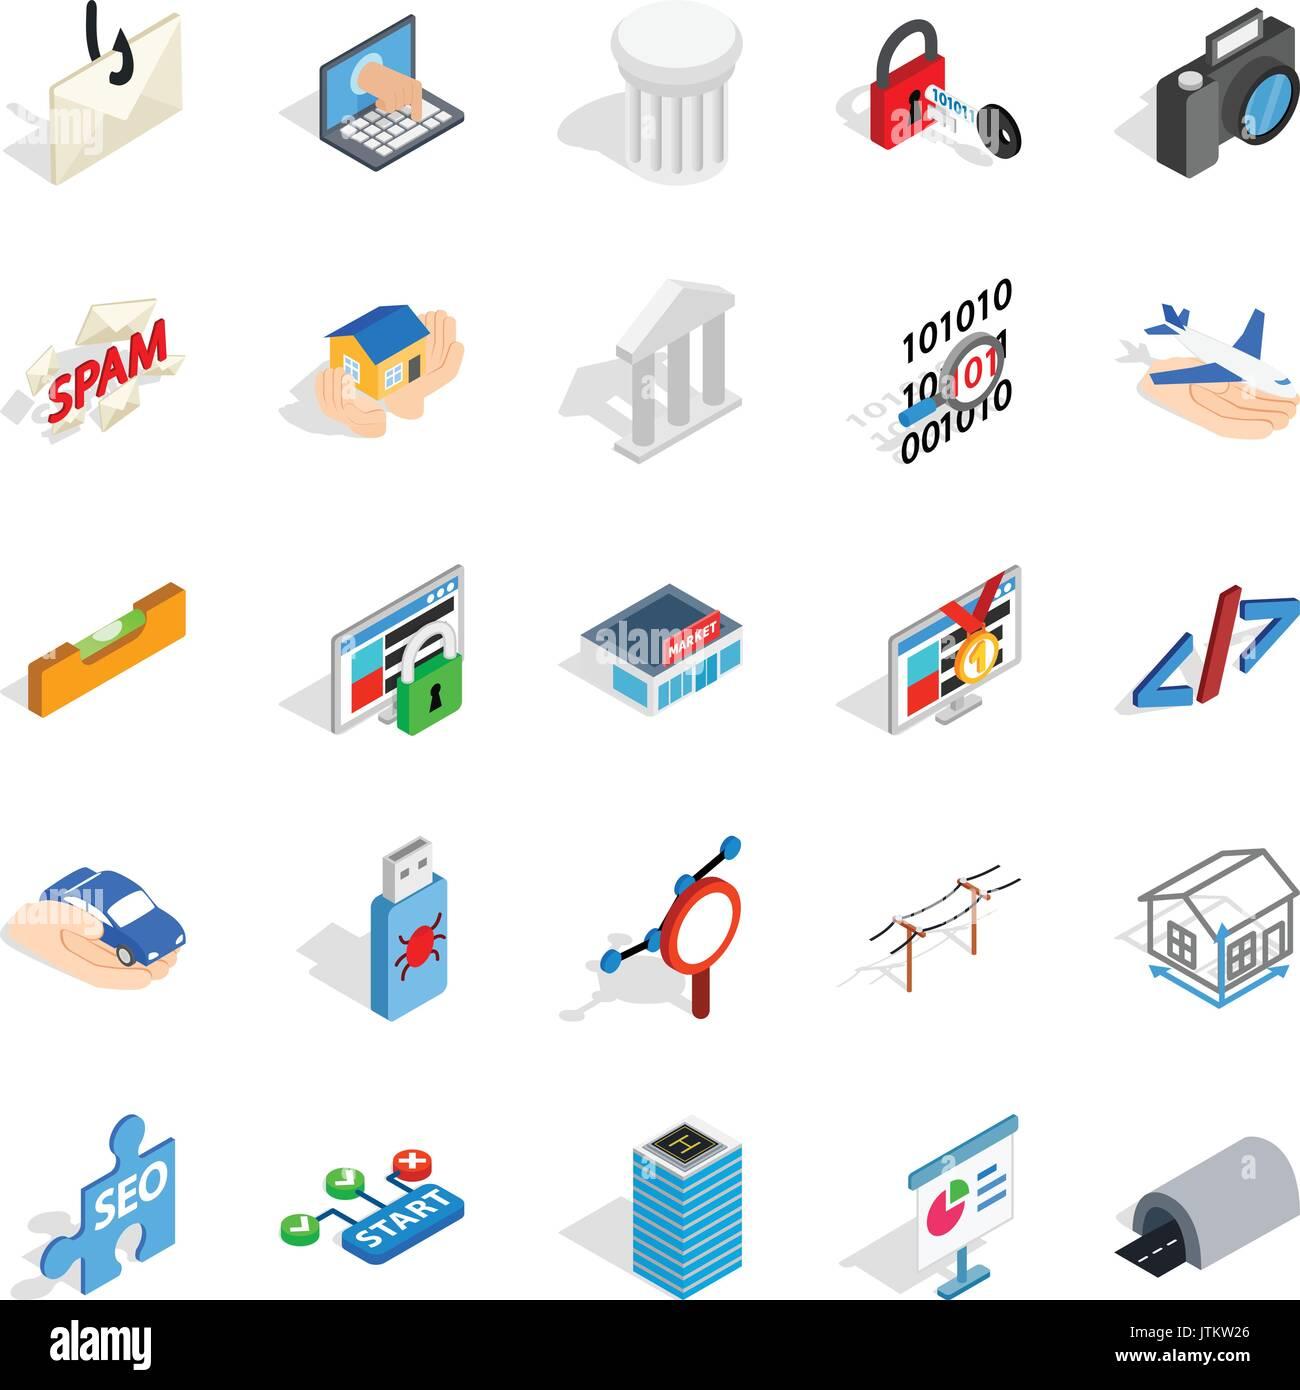 SEO optimisation icons set, isometric style - Stock Image